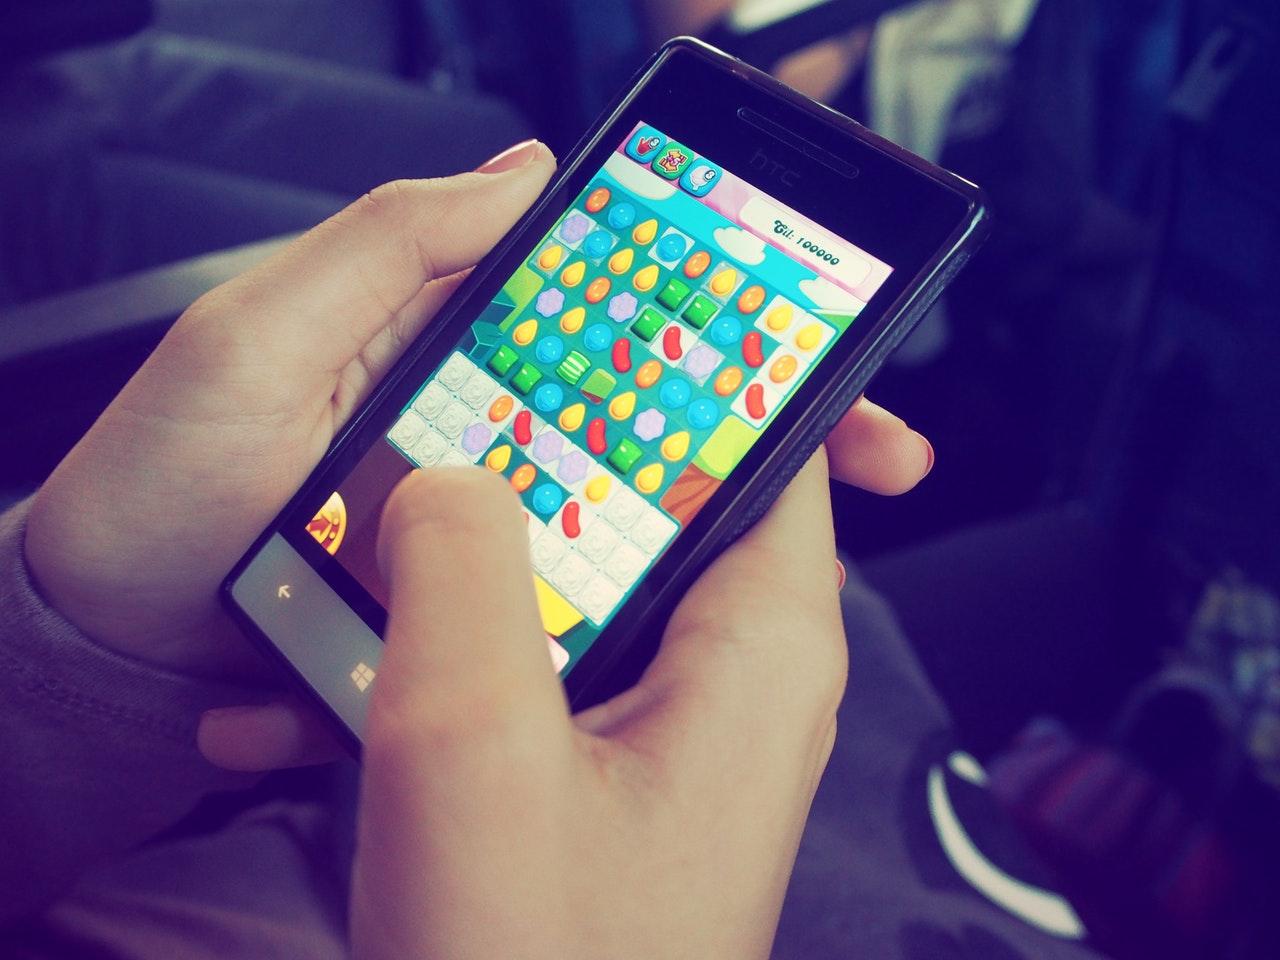 Smartphones sind inzwischen eine weit verbreitete Spiele-Plattform.